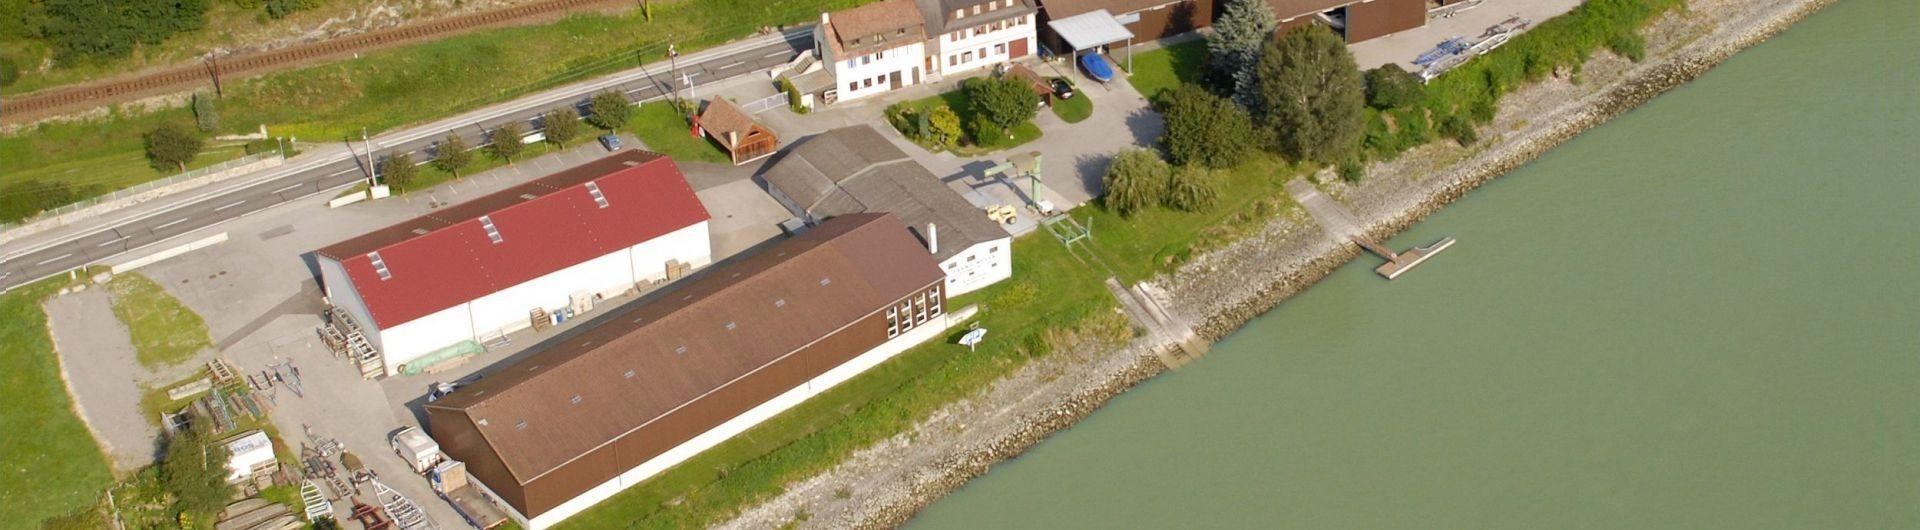 Meyer Bootswerft Luftbild Hallen Winterlager Header